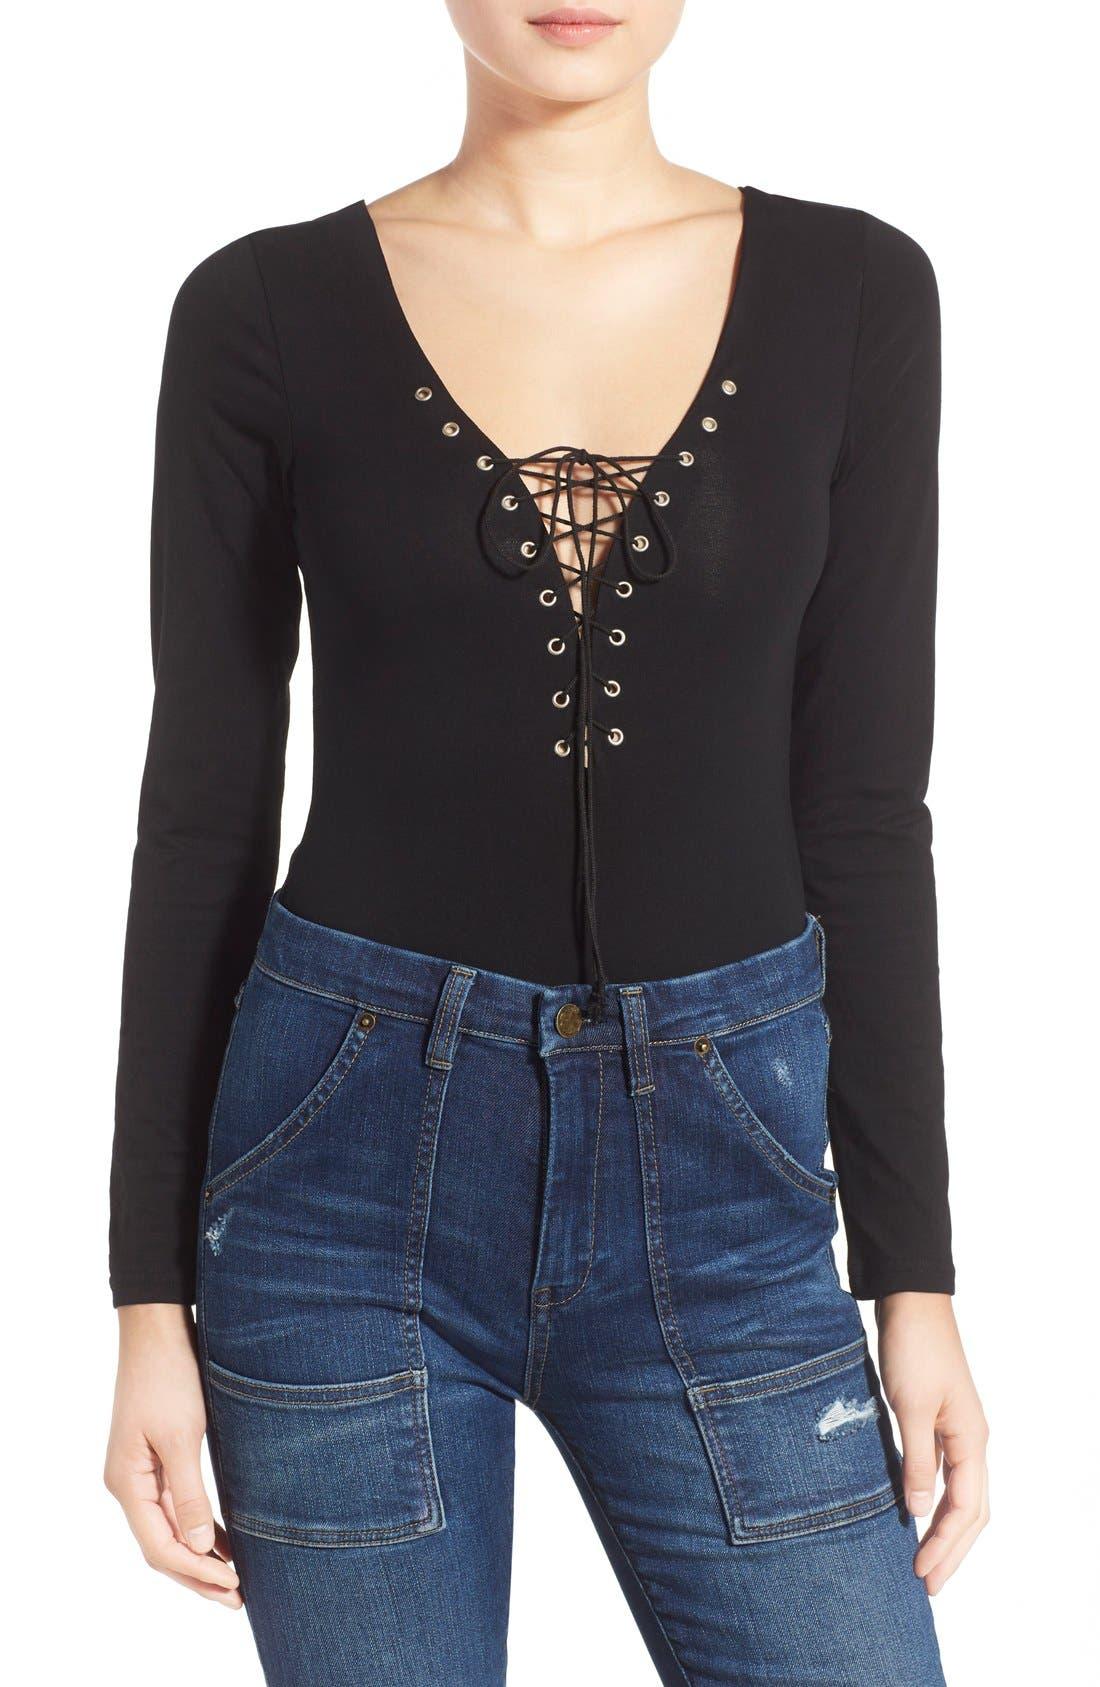 Alternate Image 1 Selected - Glamorous Long Sleeve Lace-Up Bodysuit